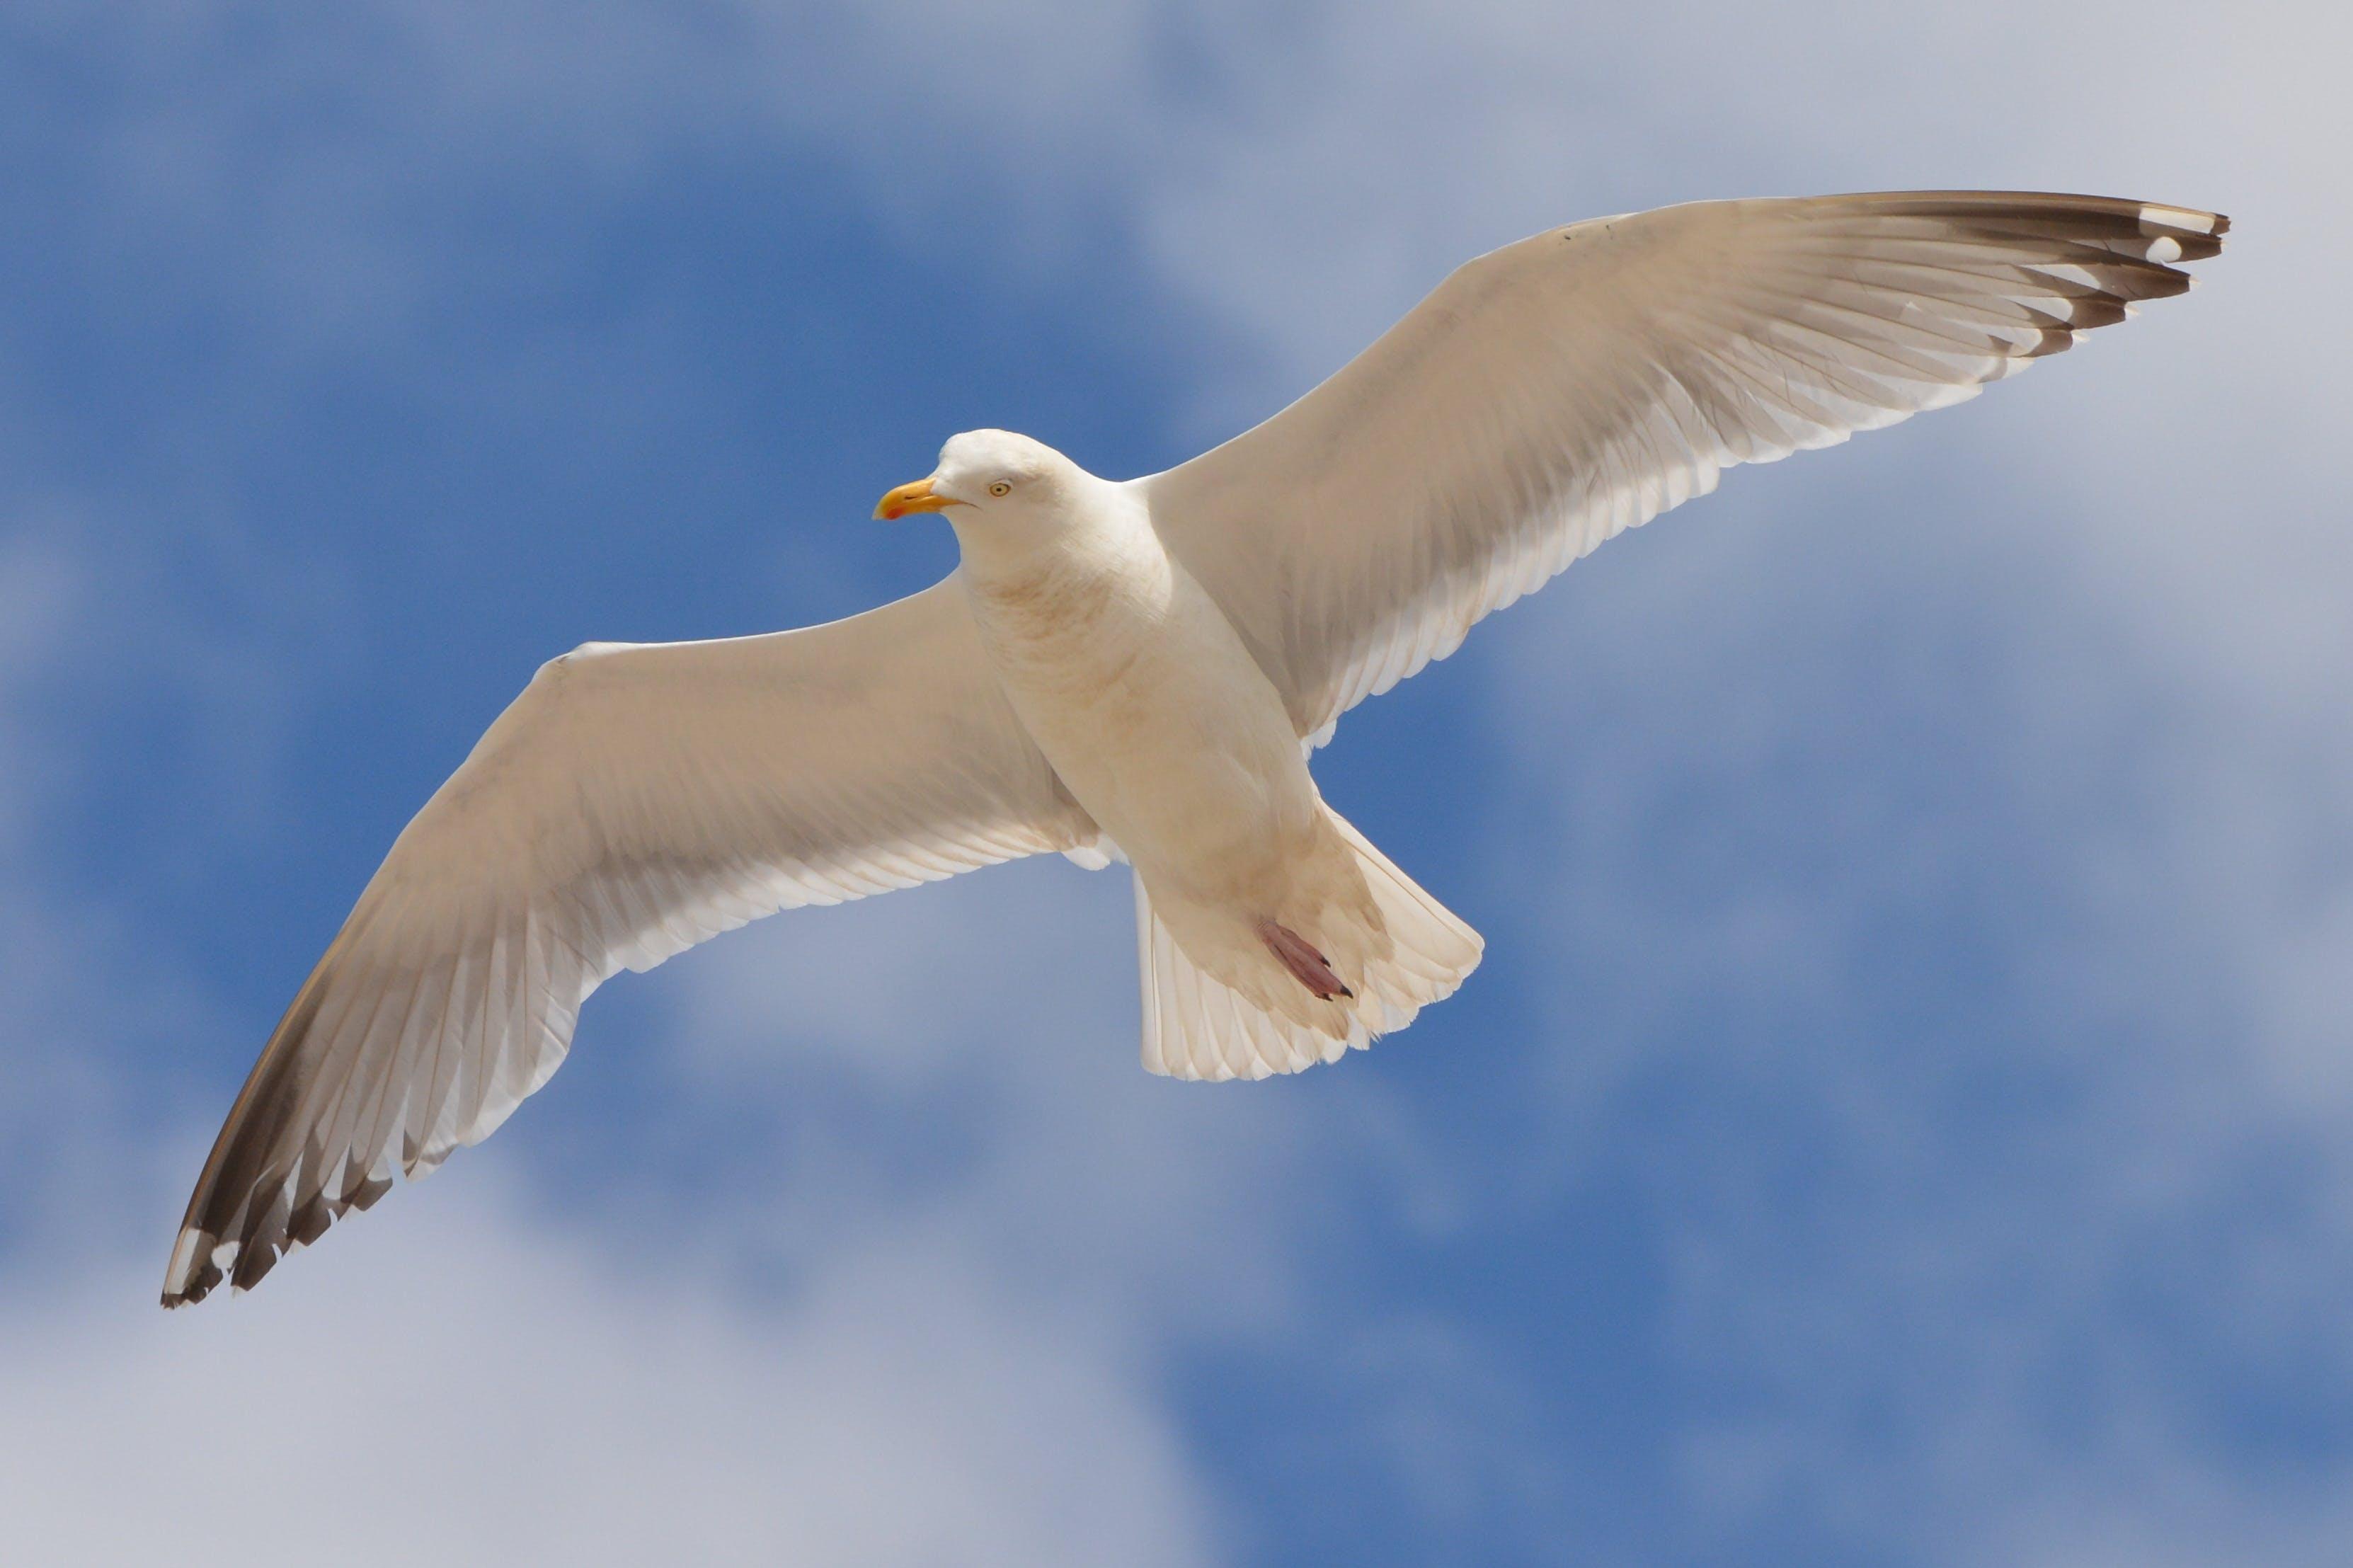 かもめ, フライト, 動物, 急上昇の無料の写真素材